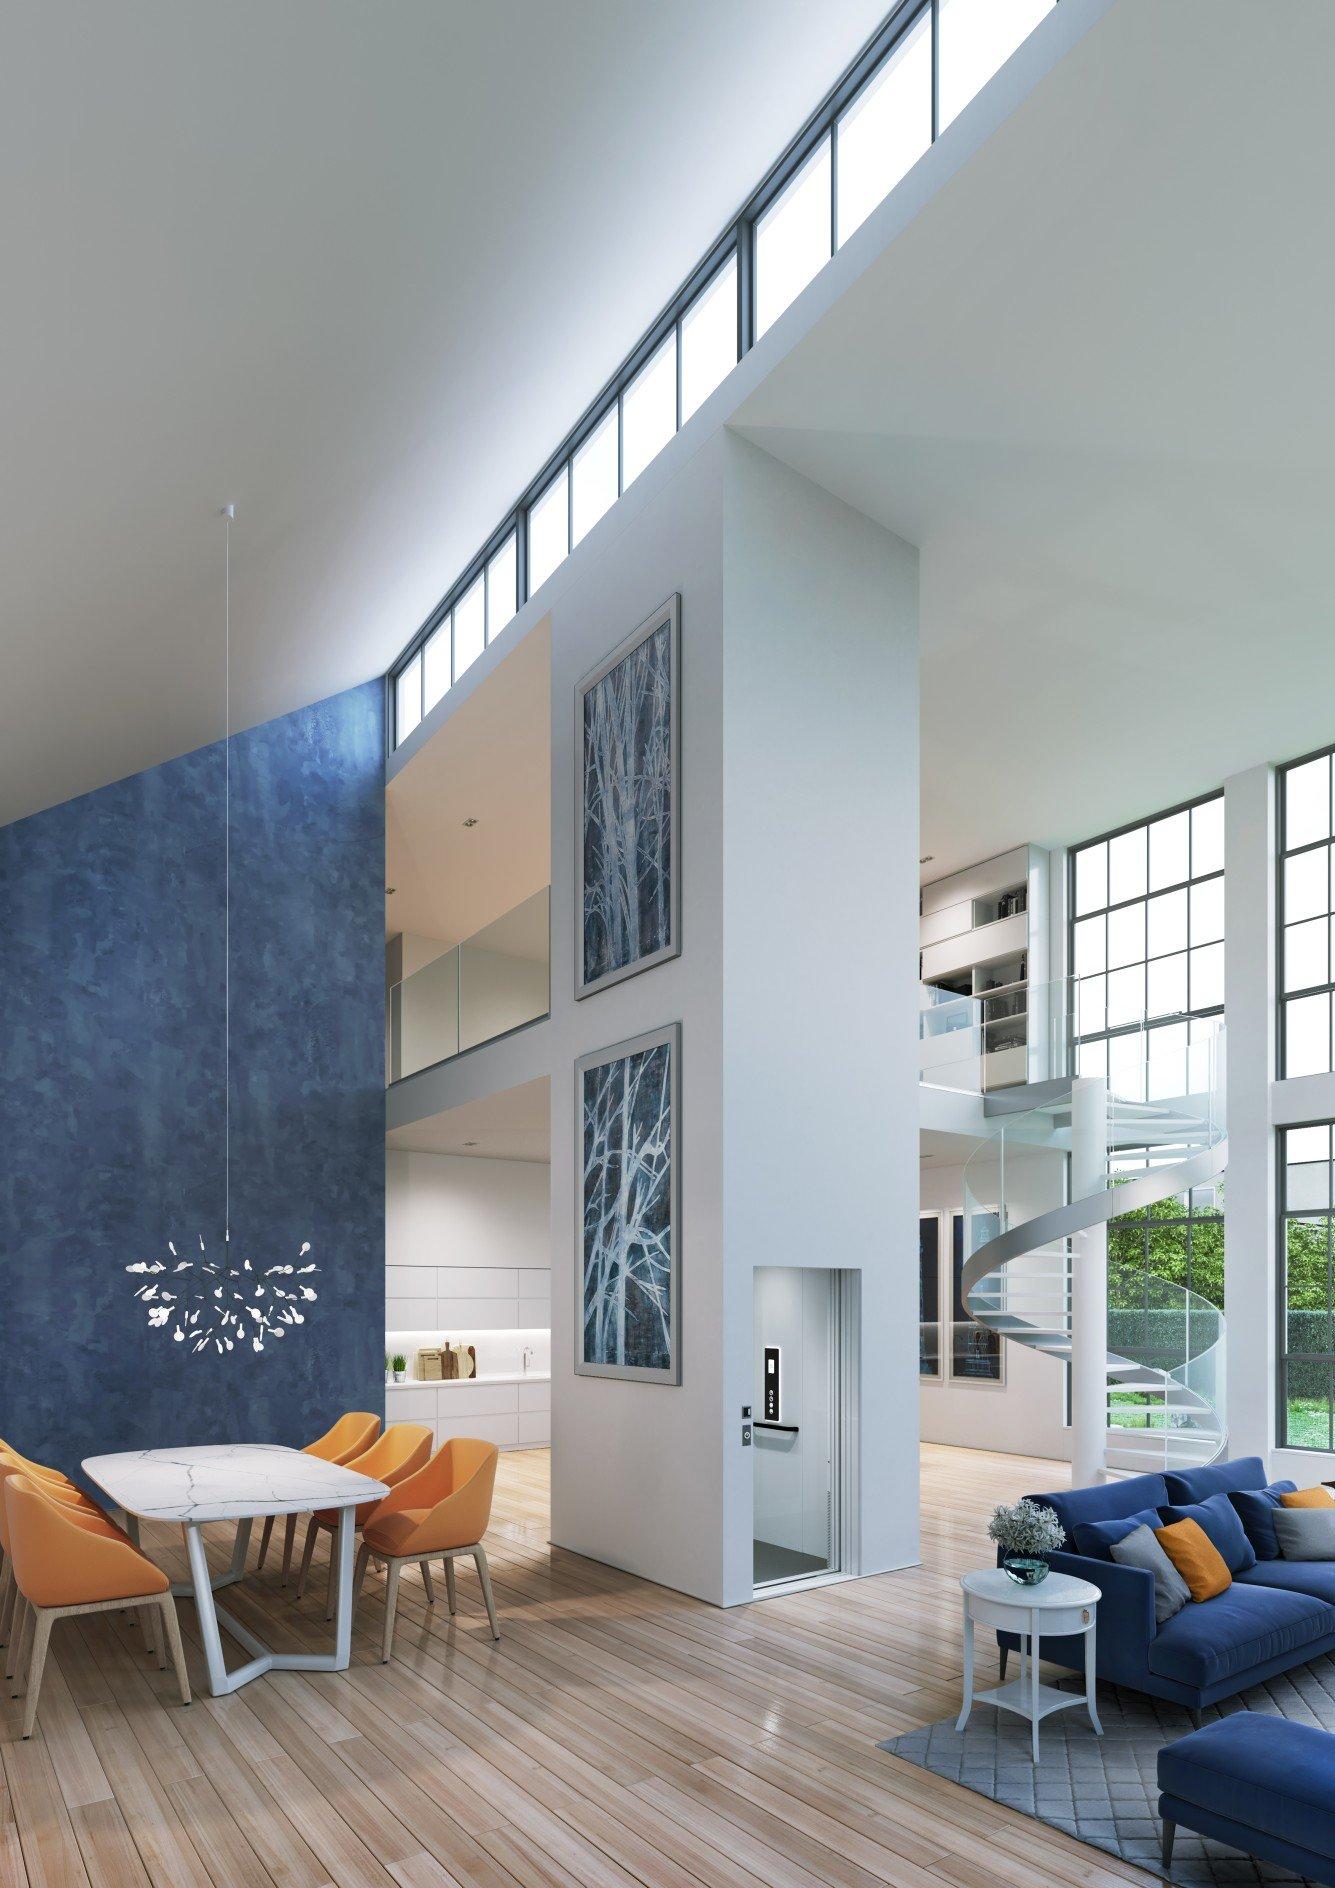 Home Lift. Privataufzüge für barrierefreien Komfort.